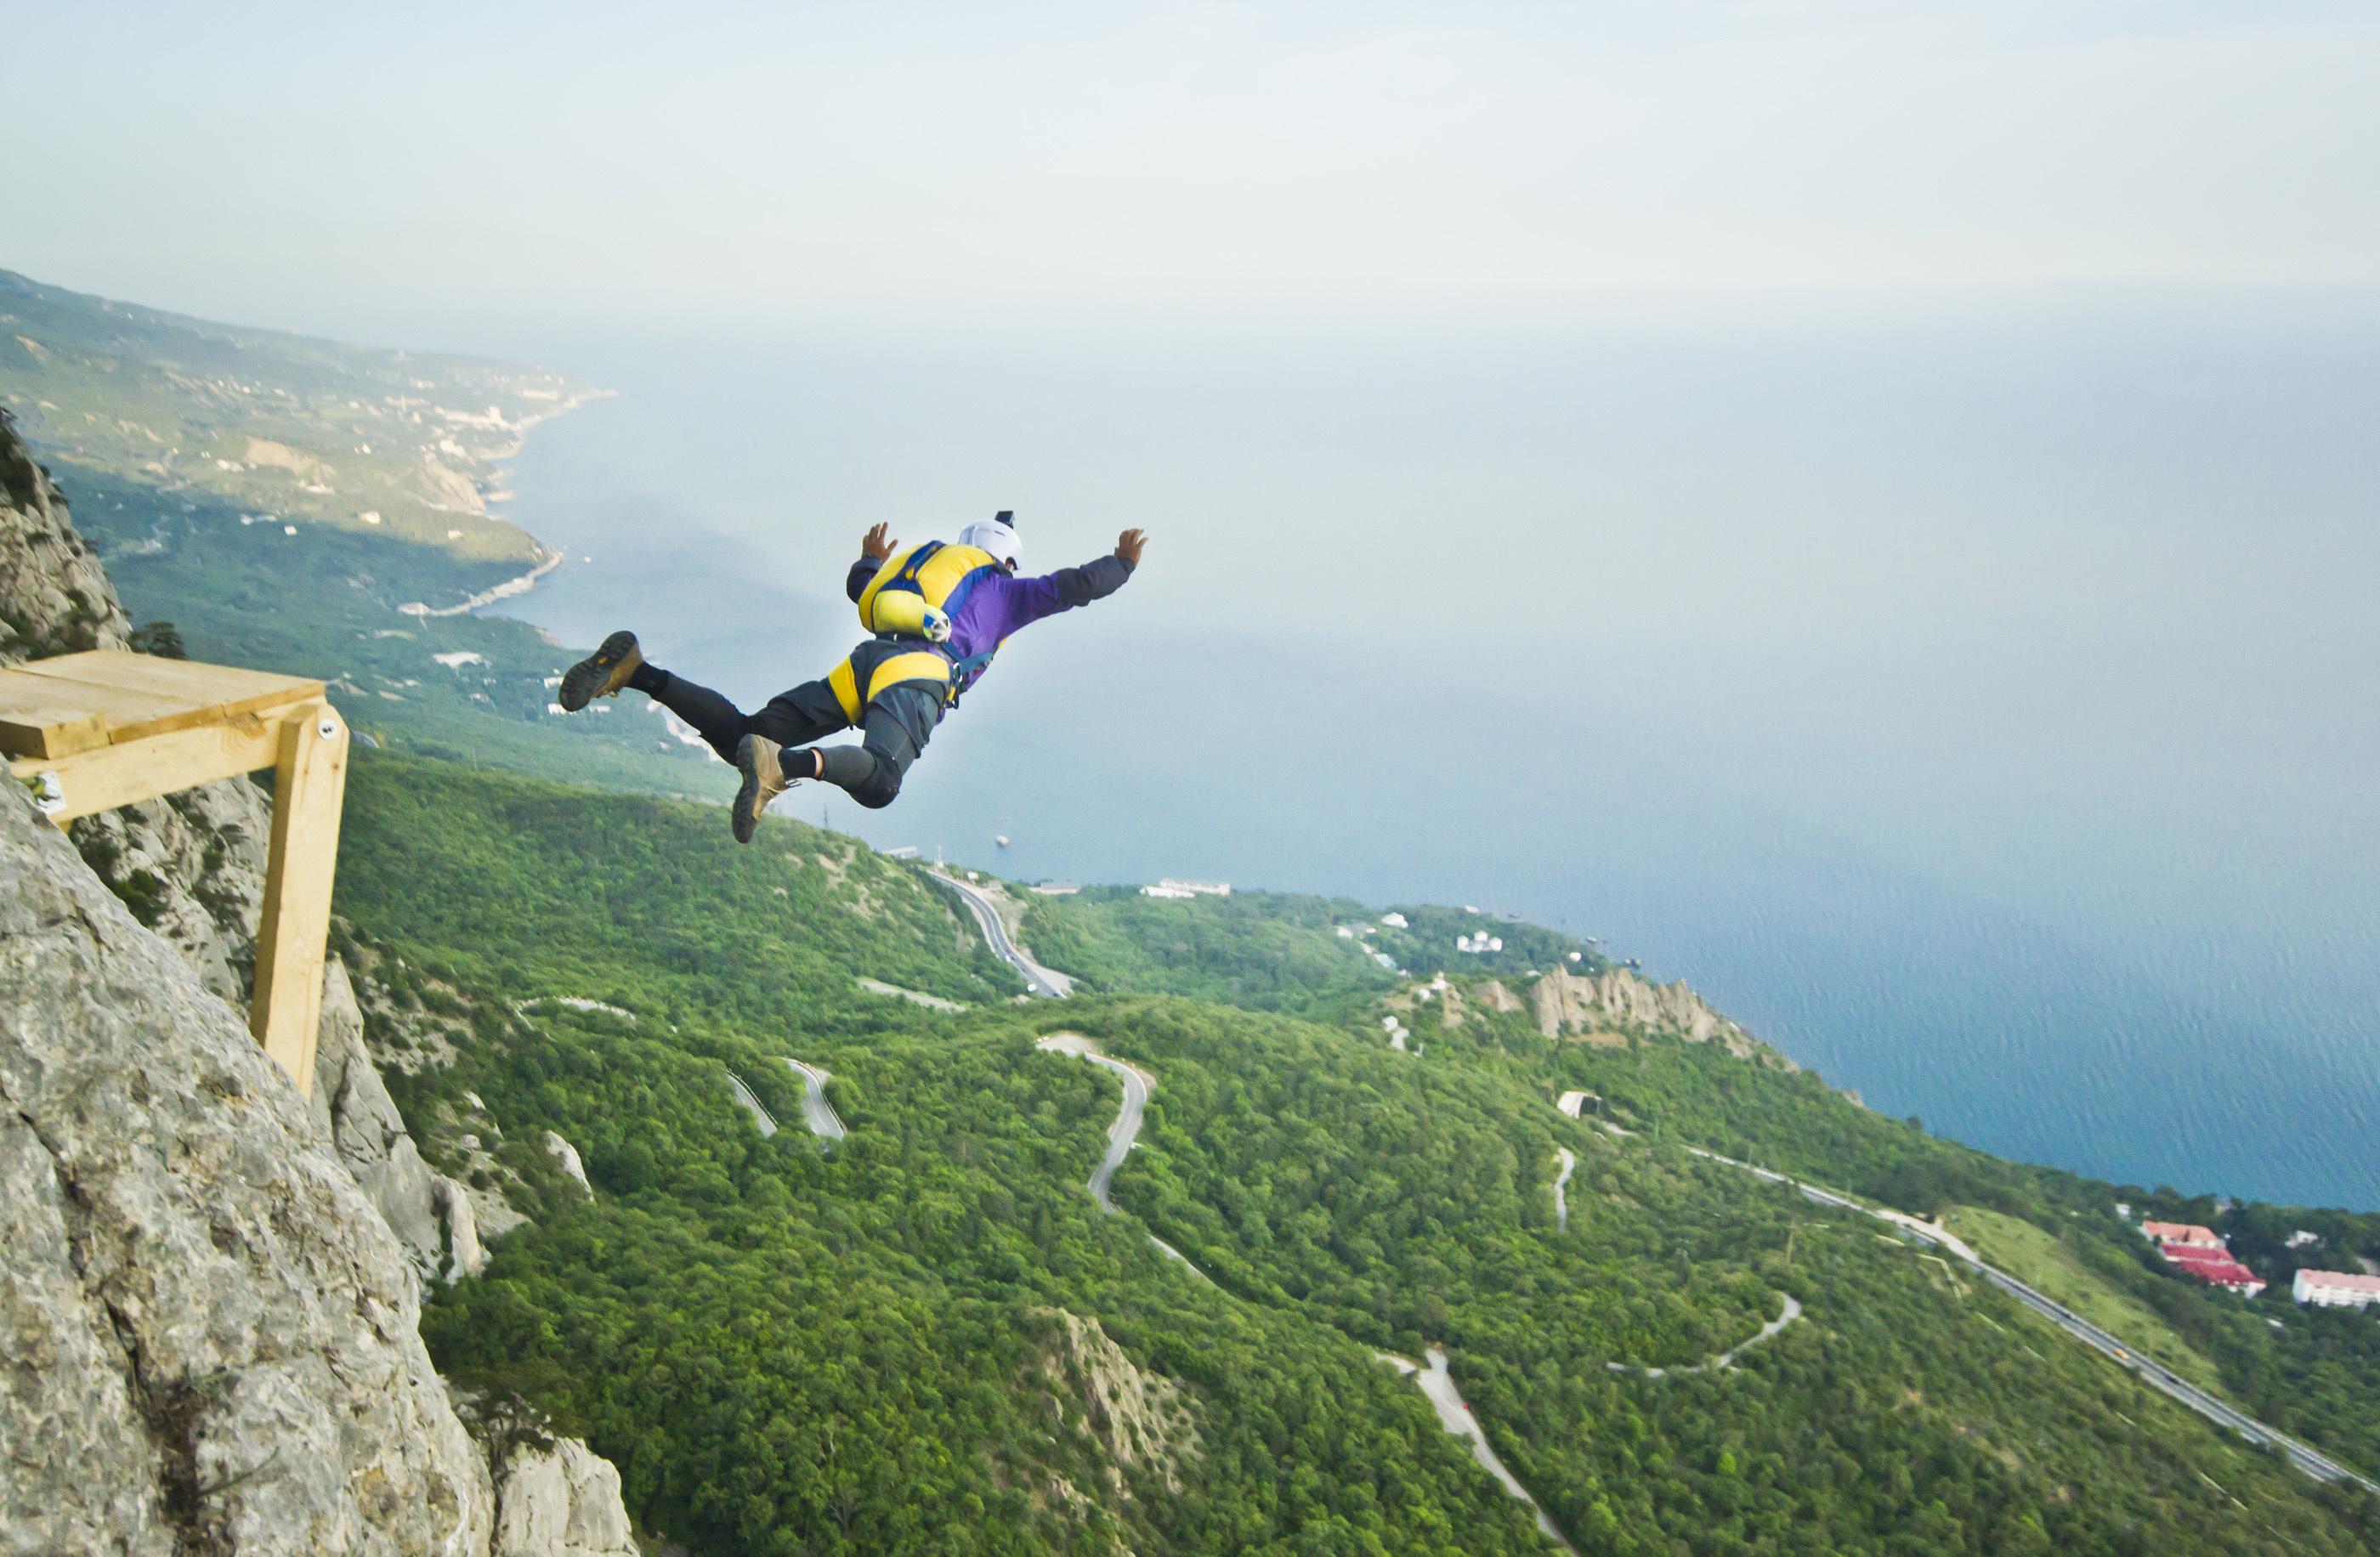 man base jumping